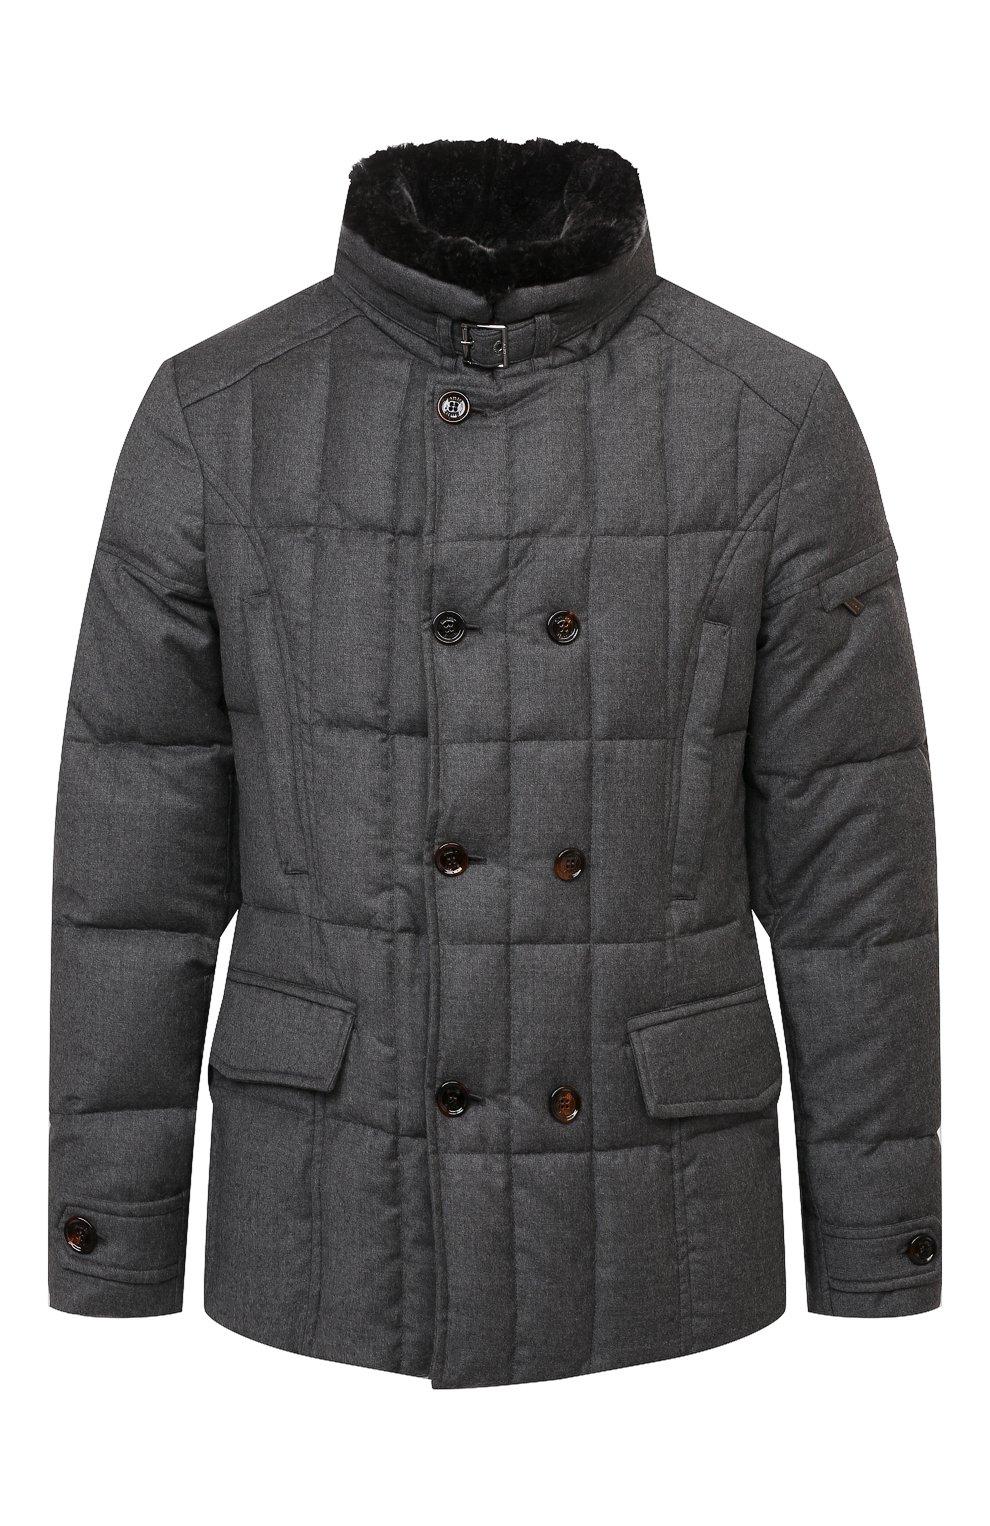 Мужская пуховая куртка с меховой отделкой siro-l MOORER серого цвета, арт. SIR0-L/M0UGI100276-TEPA217   Фото 1 (Кросс-КТ: Куртка; Мужское Кросс-КТ: пуховик-короткий; Материал внешний: Шерсть; Рукава: Длинные; Длина (верхняя одежда): До середины бедра; Стили: Классический; Материал подклада: Синтетический материал; Материал утеплителя: Пух и перо)